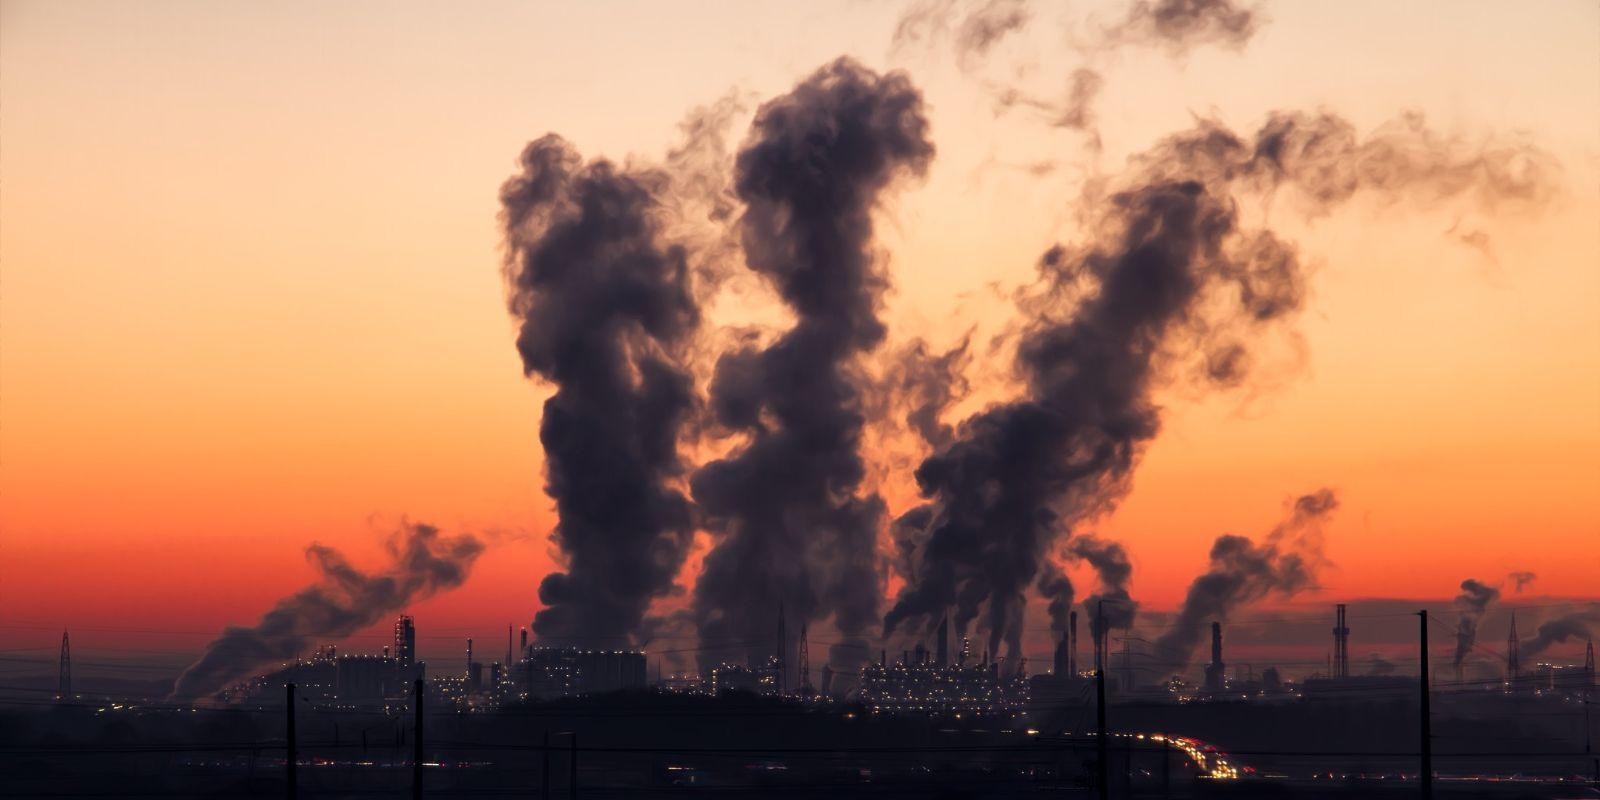 globalis kornyezetszennyezes-legszennyezes-ozonreteg elvekonyodasa